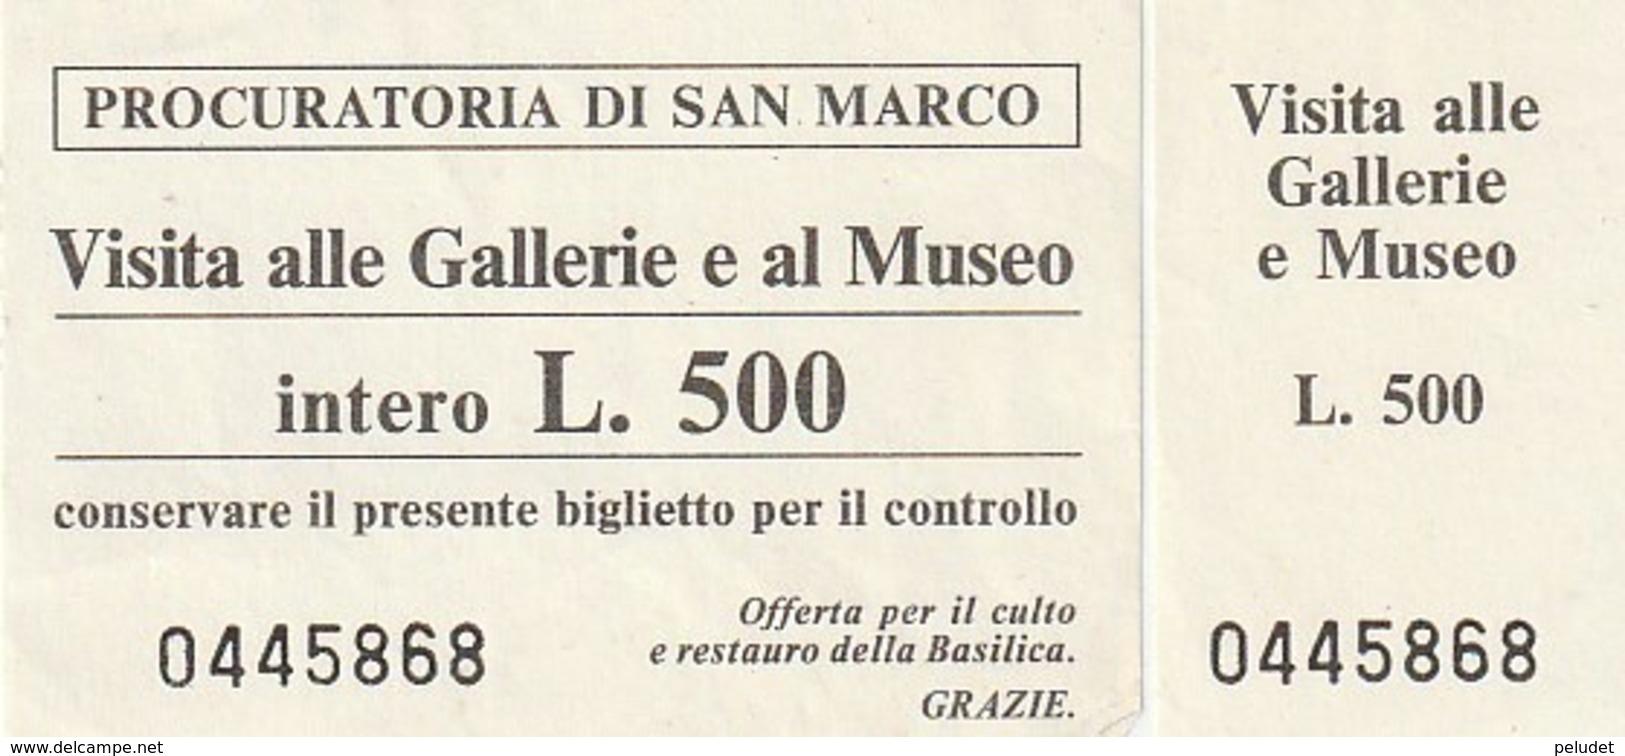 TICKET - ENTRADA / PROCURATORIA DI SAN MARCO / GALLERIE E AL MUSEO - VENEZIA  - 1986 - Tickets - Vouchers